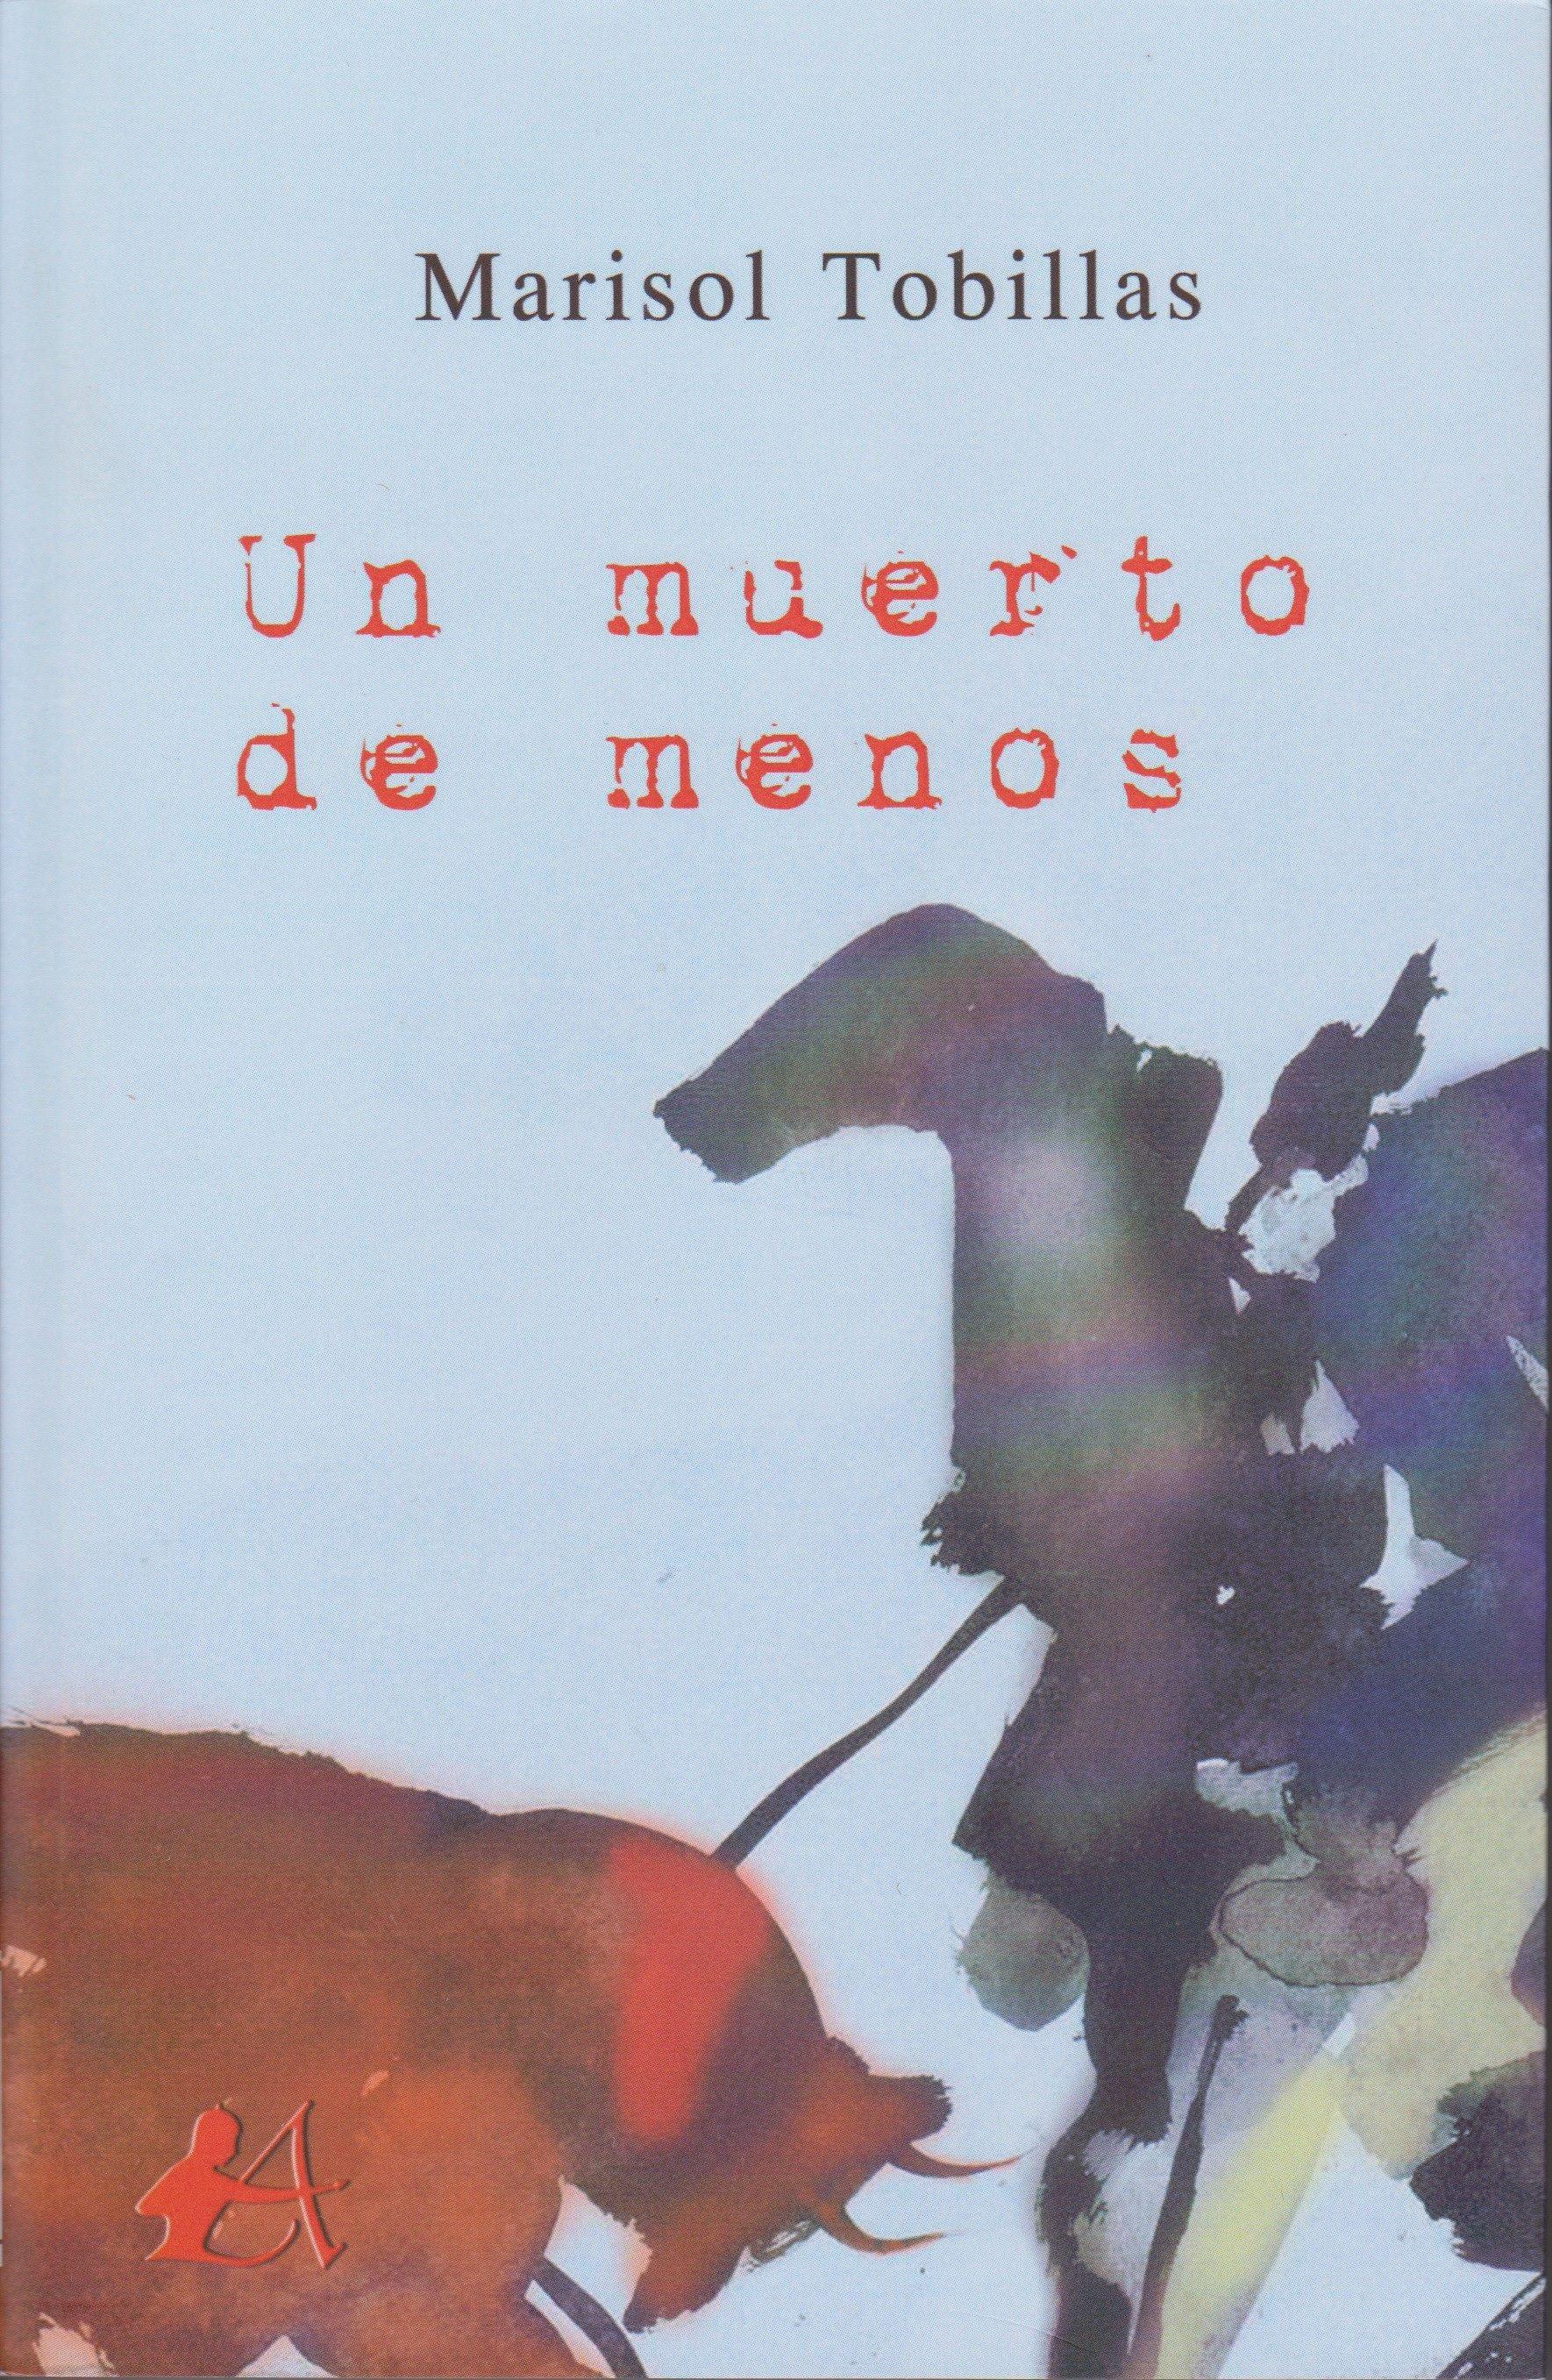 Marisol Tobillas 'Un muerto menos' Presentación del libro.